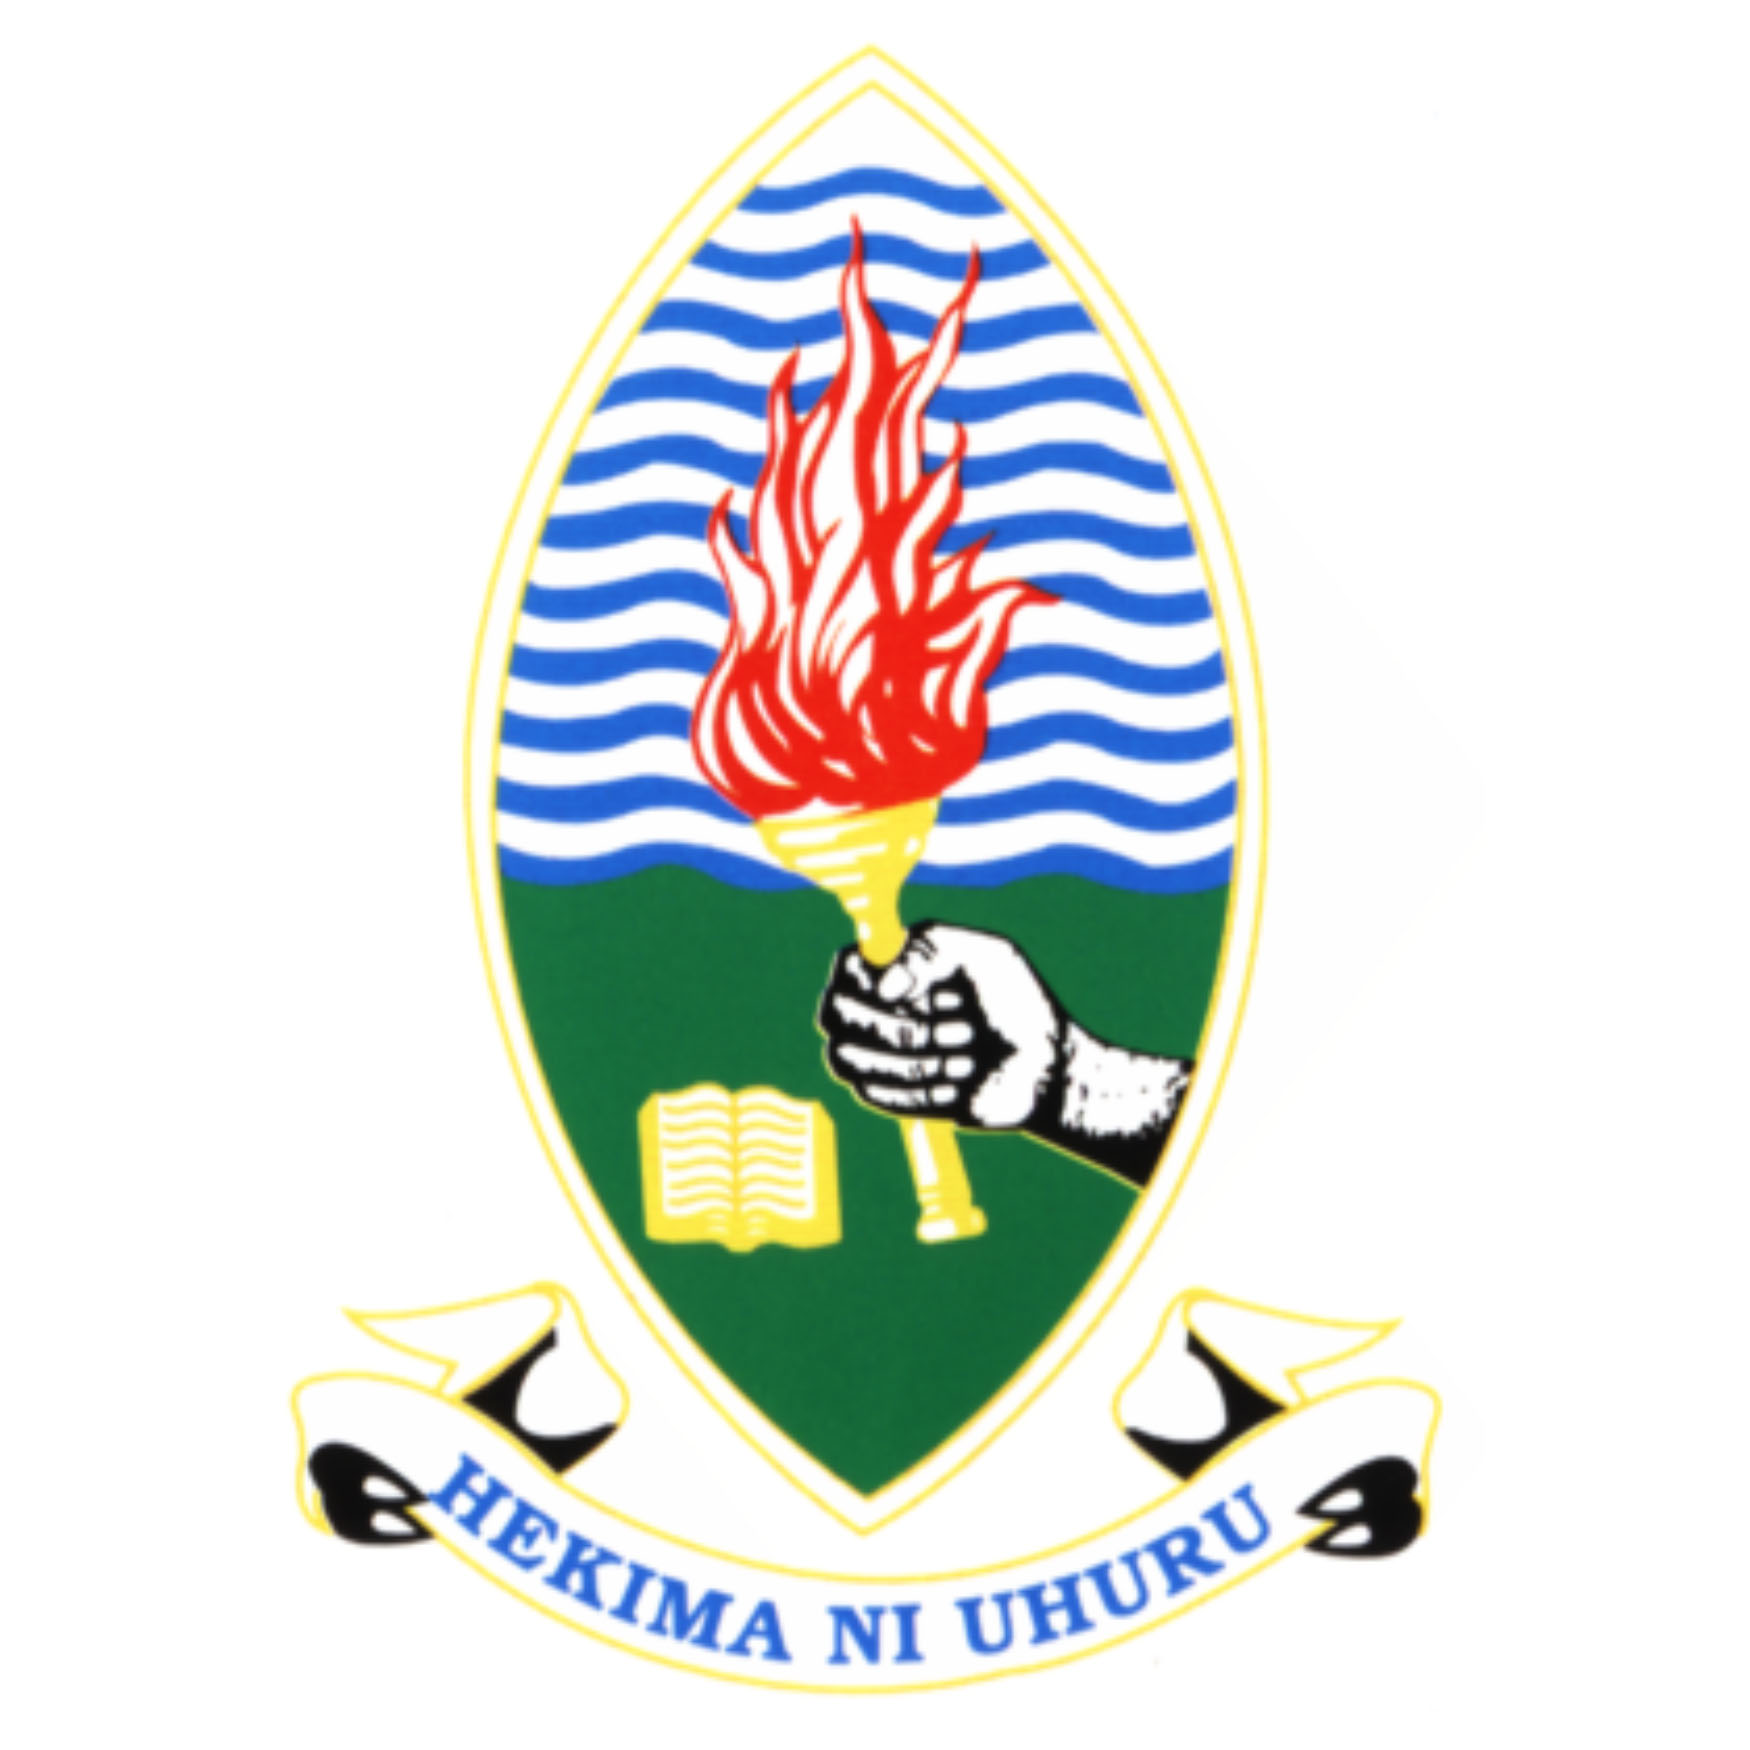 partner-institutes-estuarize-wio-university-of-dar-es-salaam-tanzania